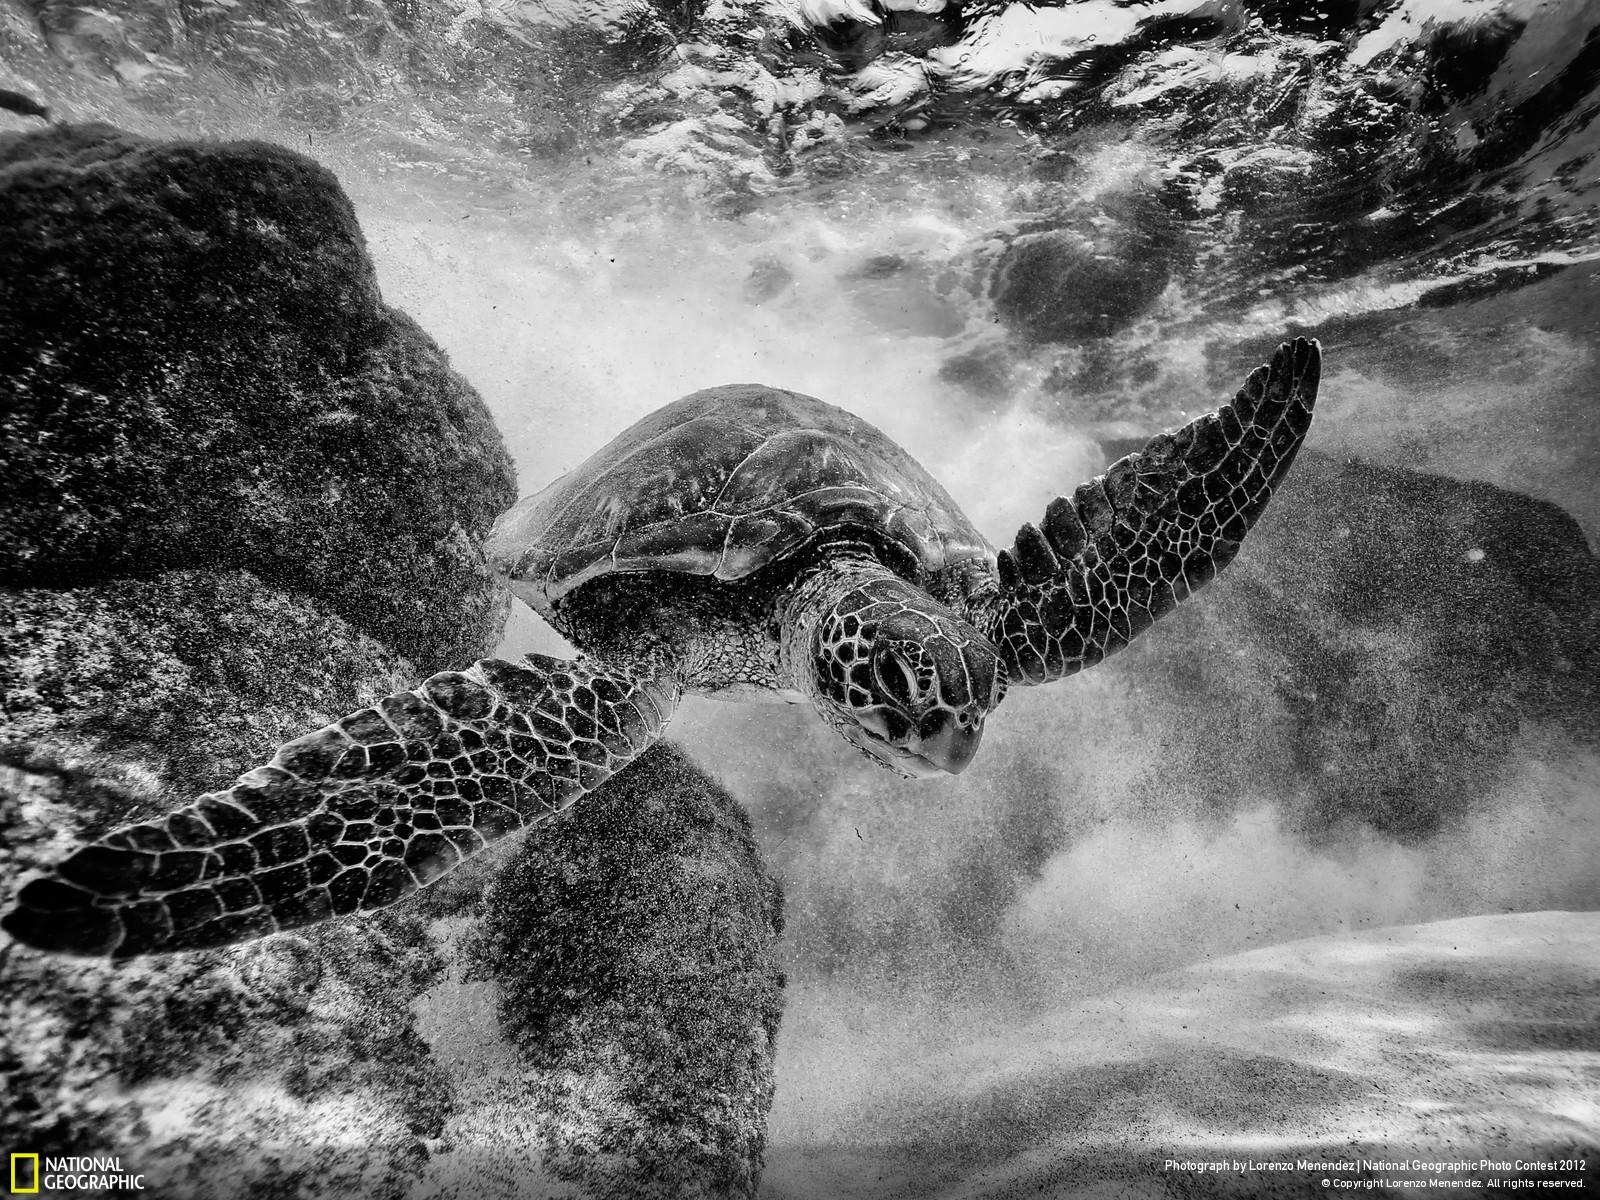 49 Лучшие фотографии за 2012 год по версии National Geographic